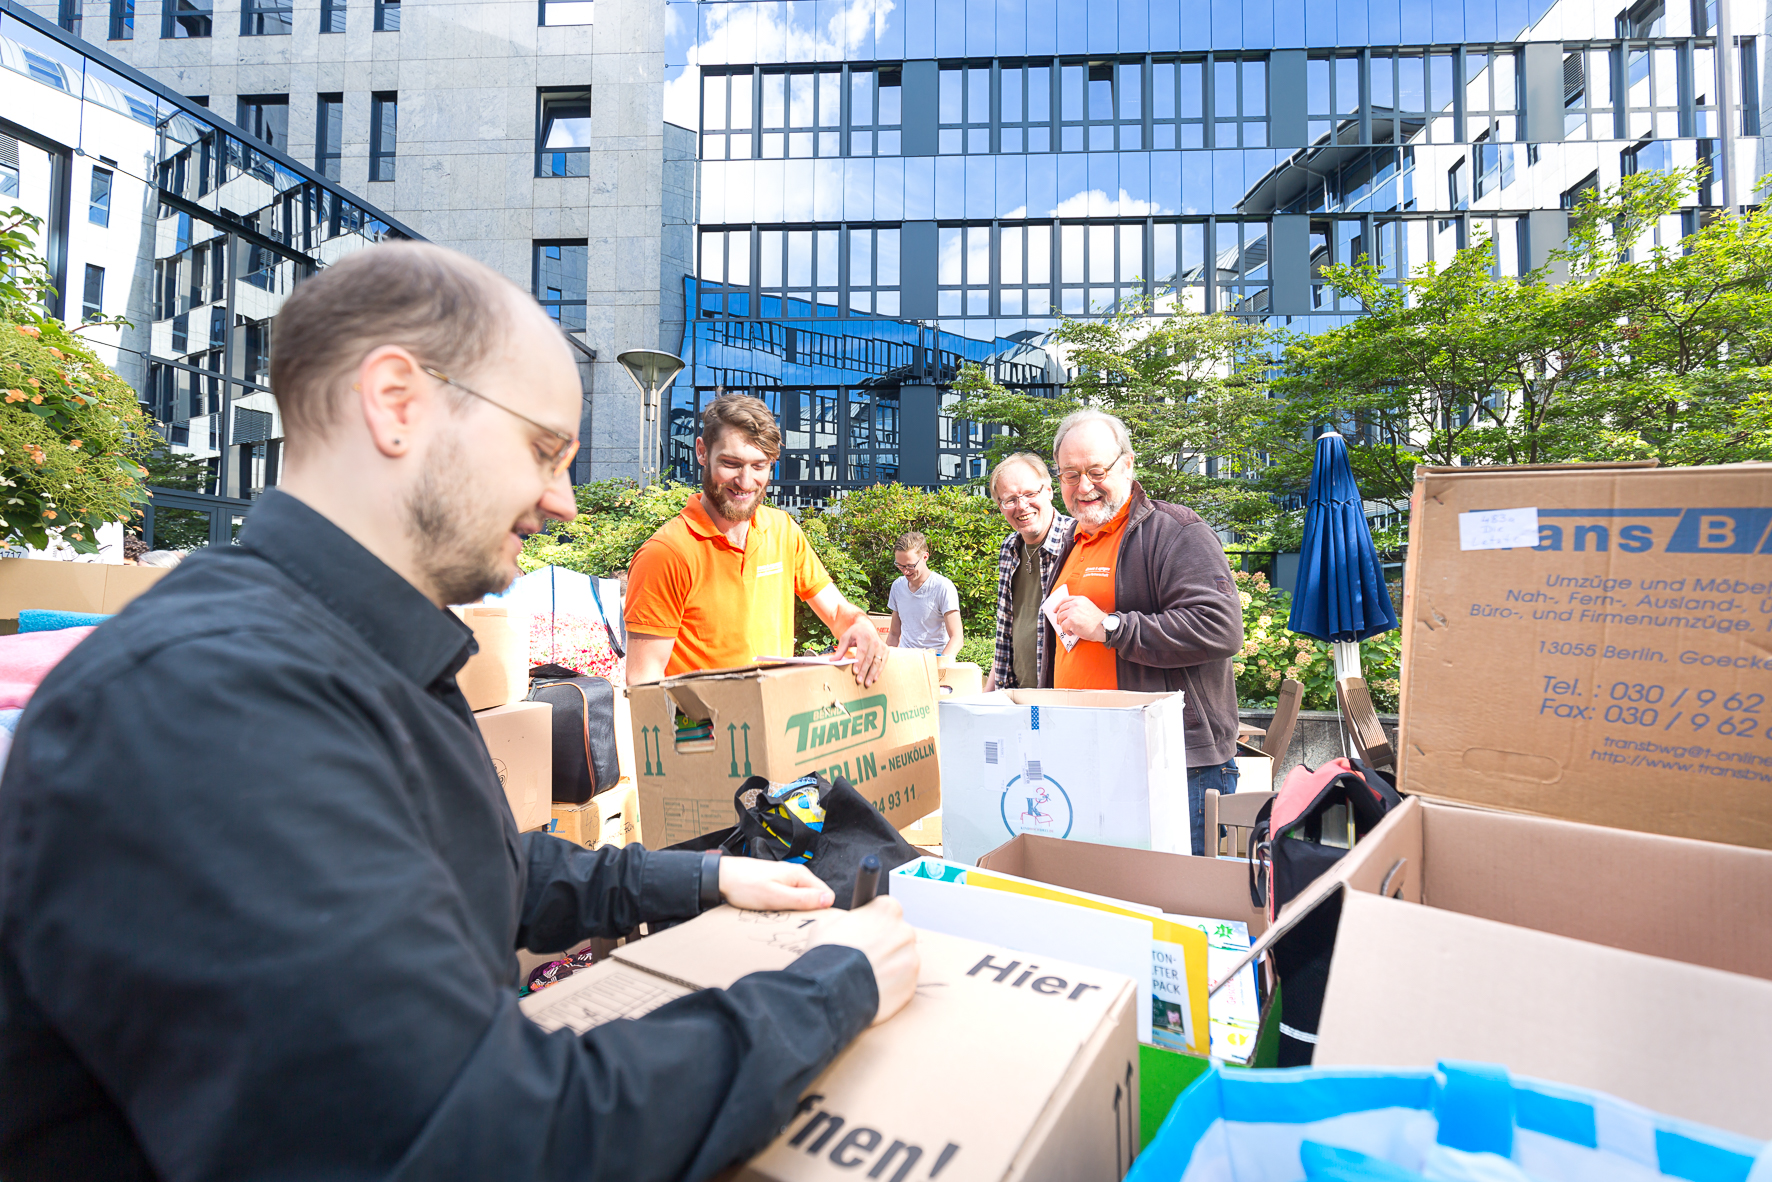 Flüchtlingen mit Sponsoring schnell helfen - Fundraiser Magazin